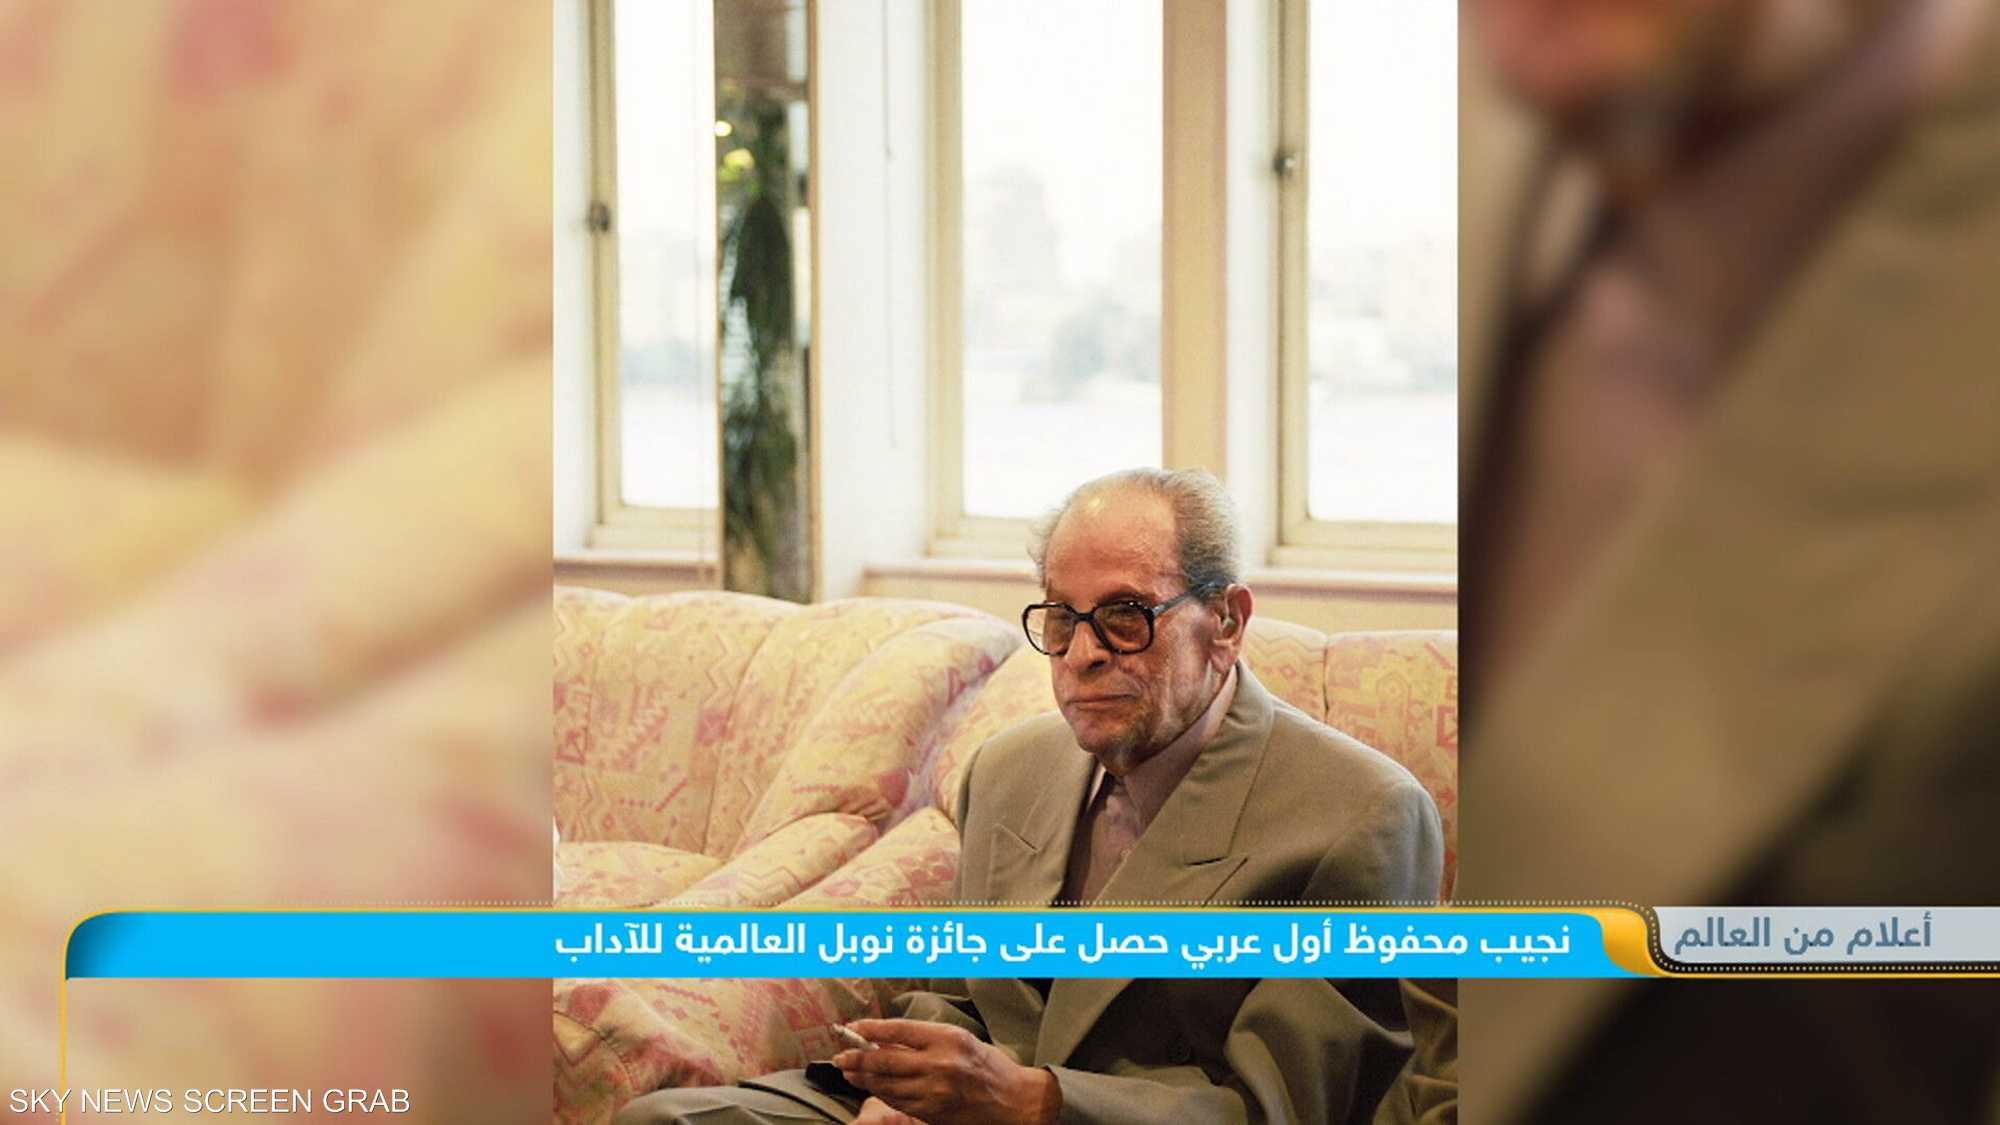 بفضل رواية أولاد حارتنا حصل نجيب محفوظ على جائزة نوبل للأدب